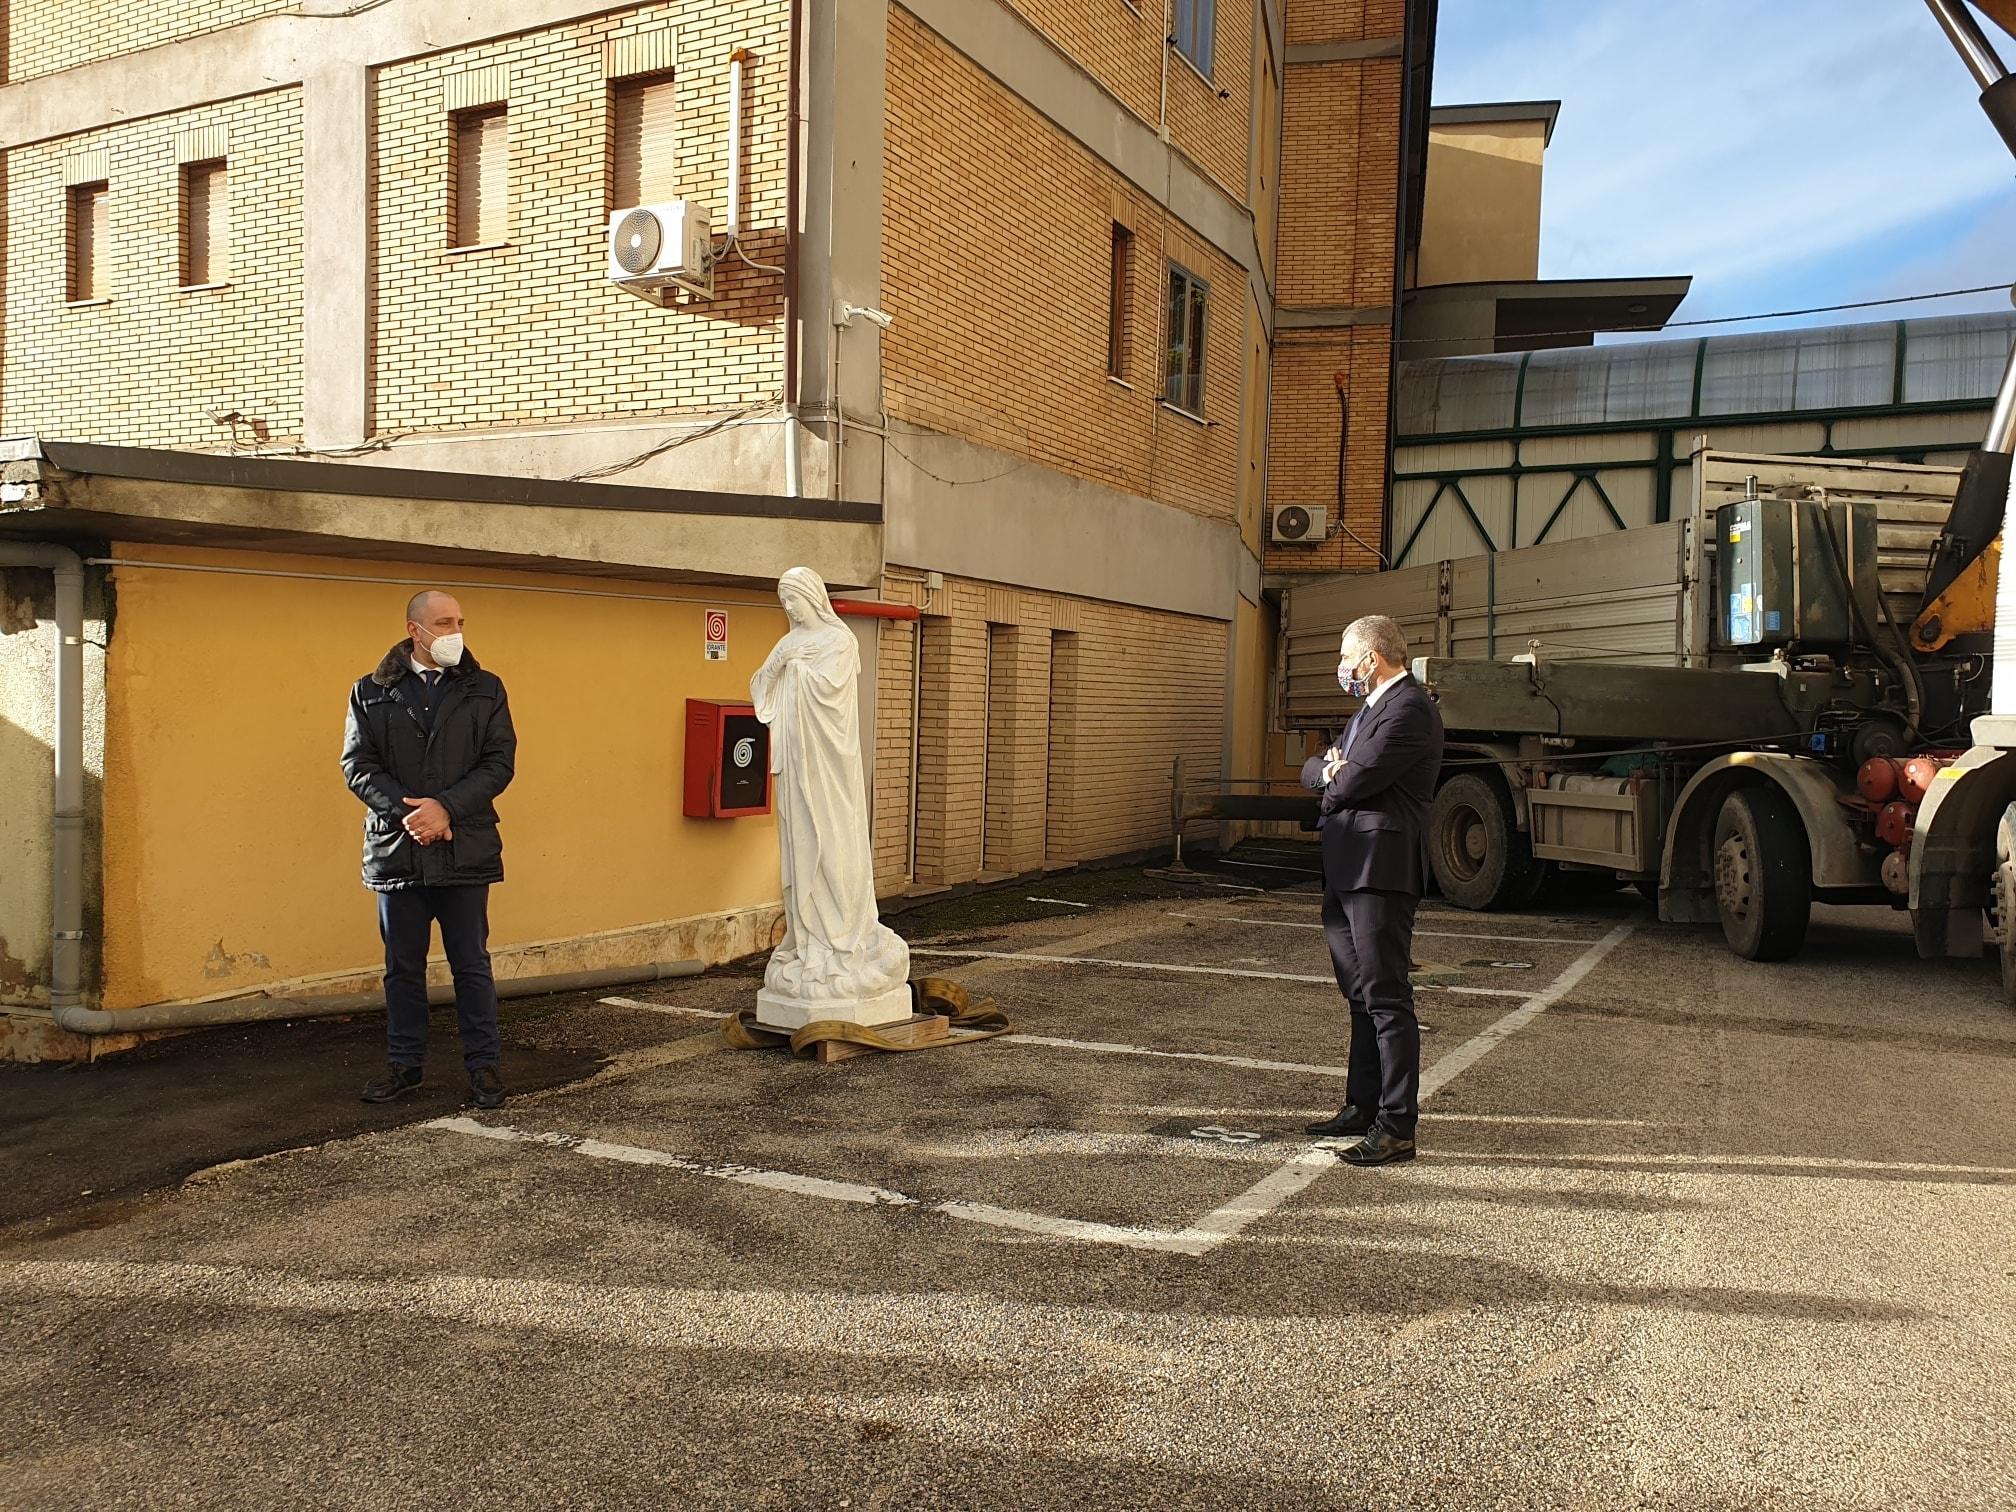 Riposizionata la Madonnina sul tetto della Clinica Immacolata di Celano